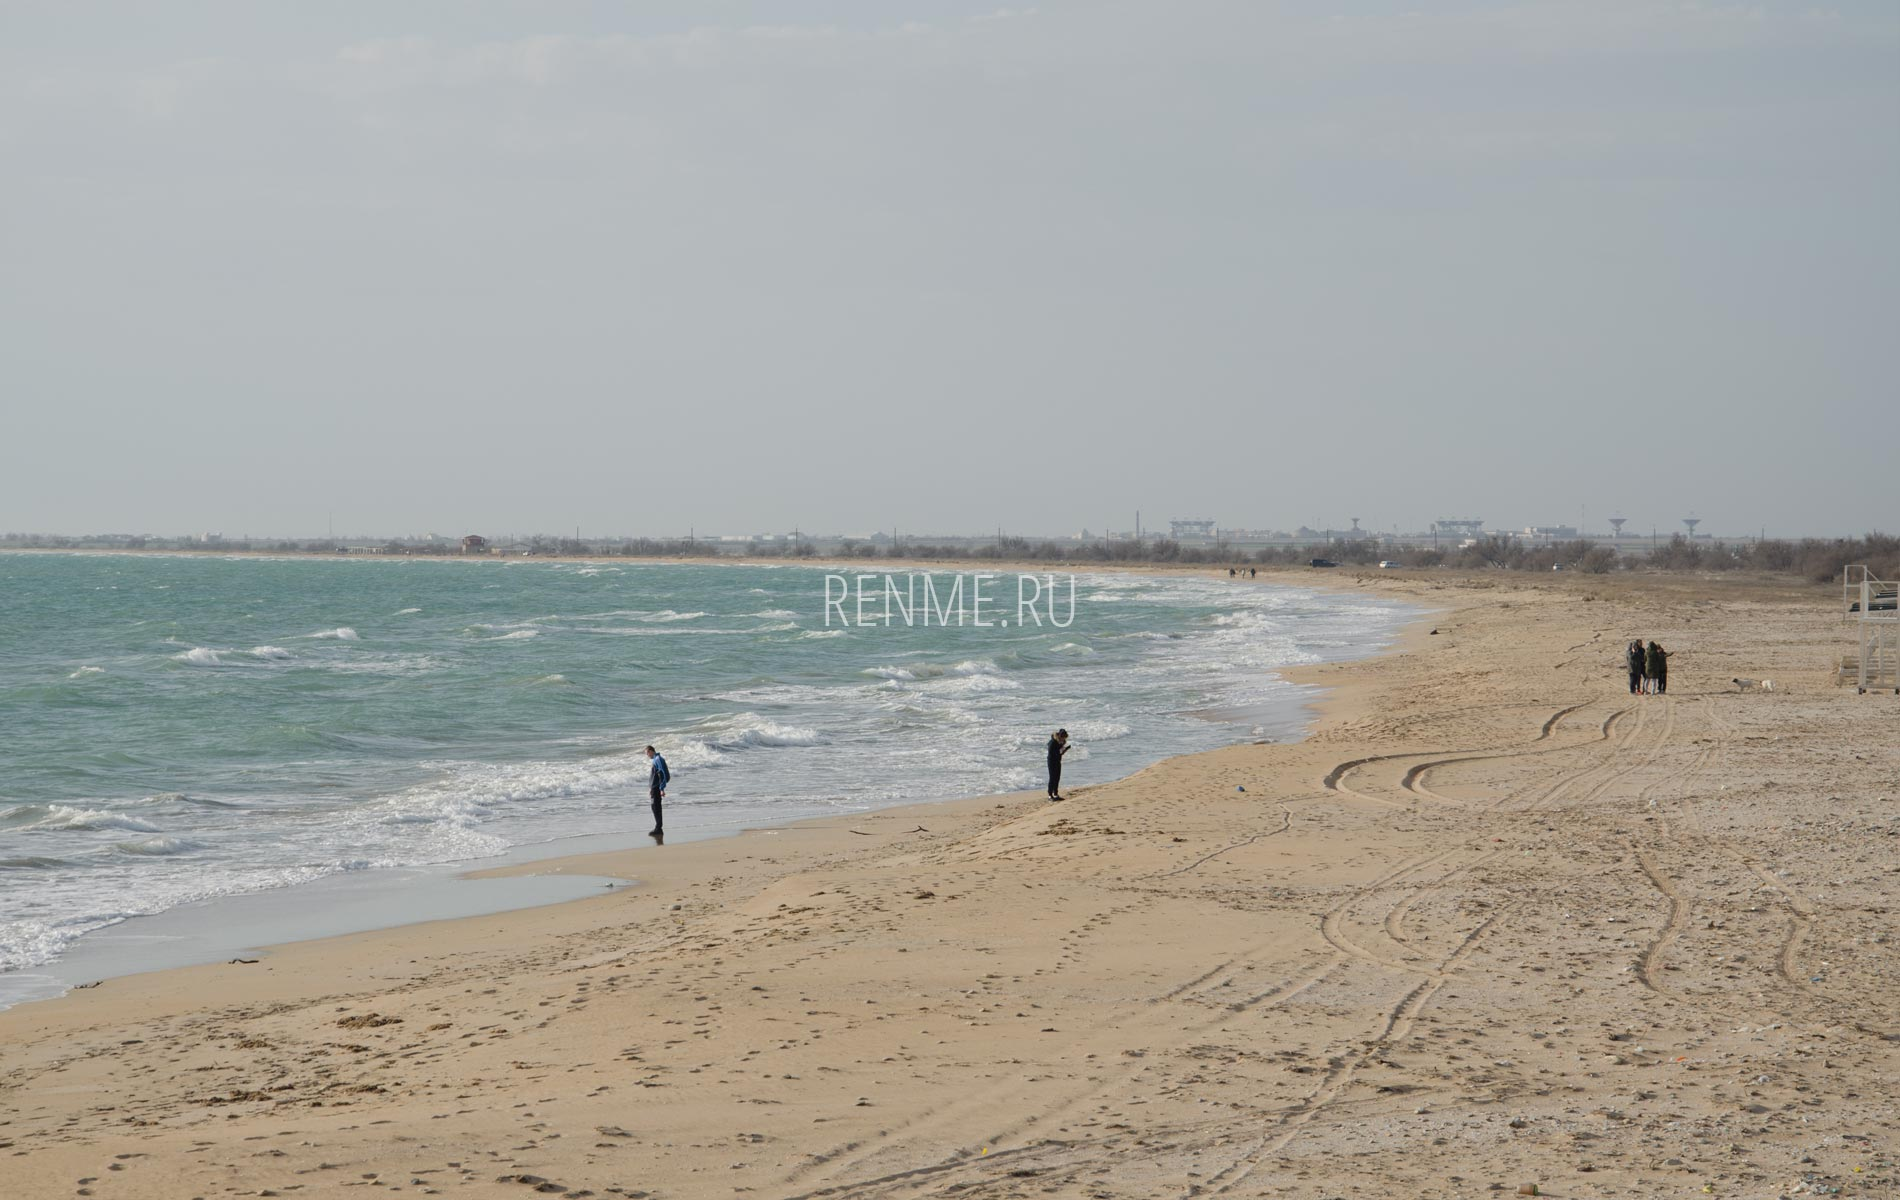 8 Марта 2020 на диком пляже. Фото Заозёрного